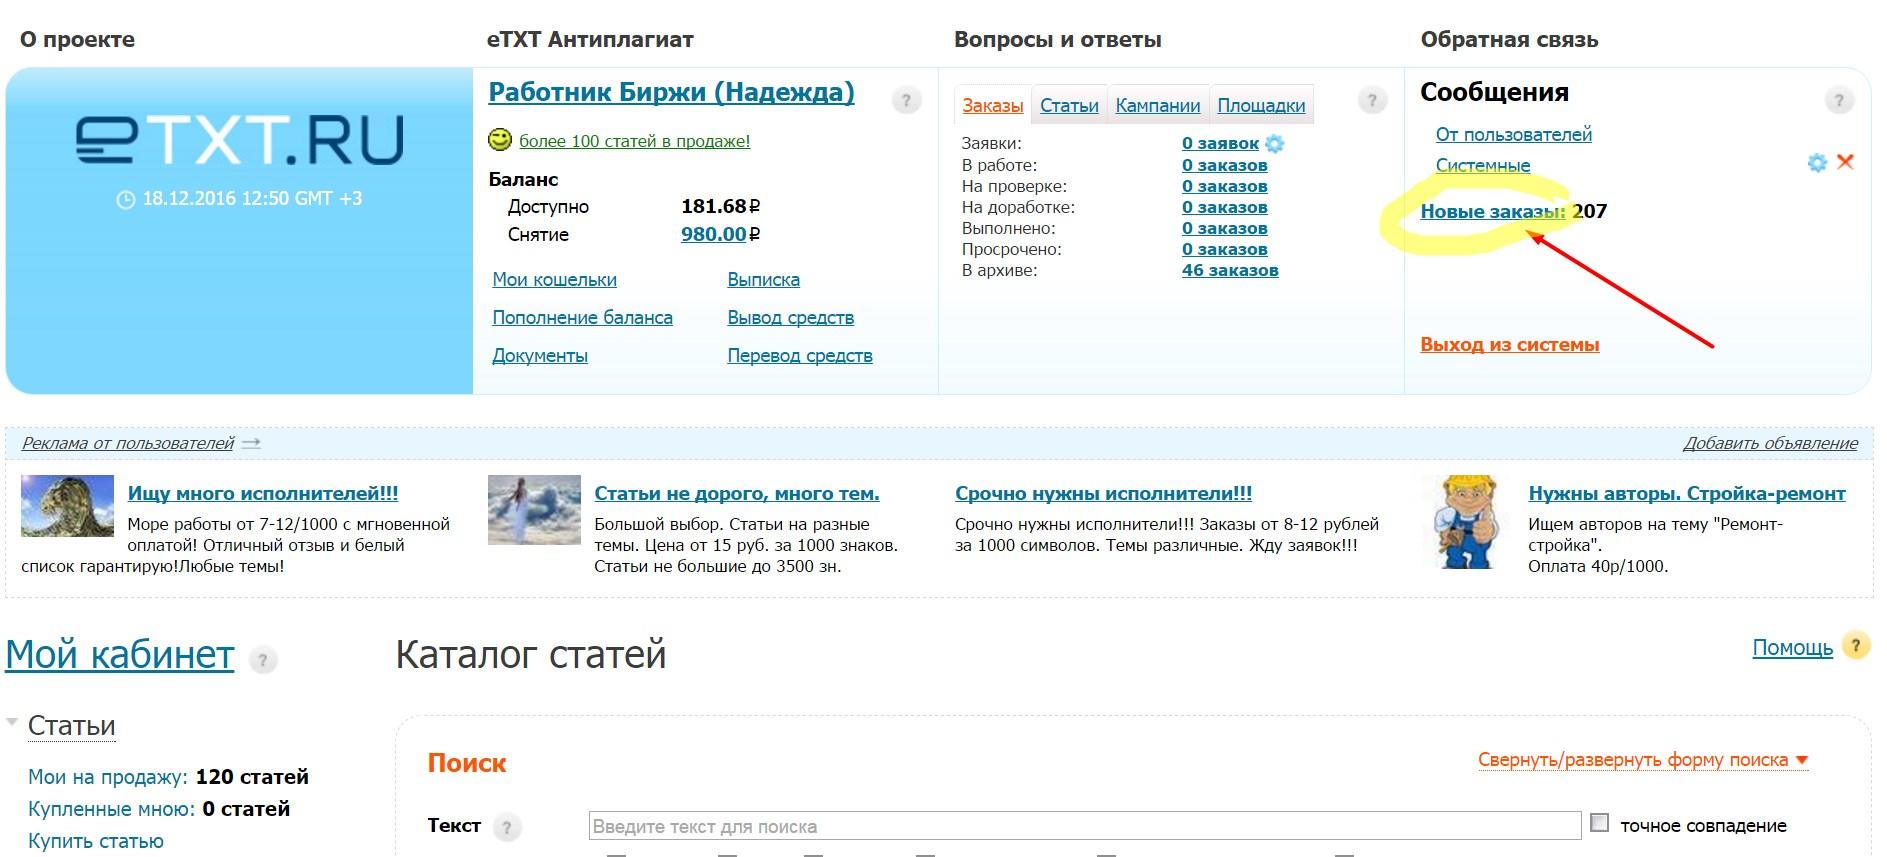 """Ссылка """"новые заказы"""" откроет список всех заказов е-txt"""